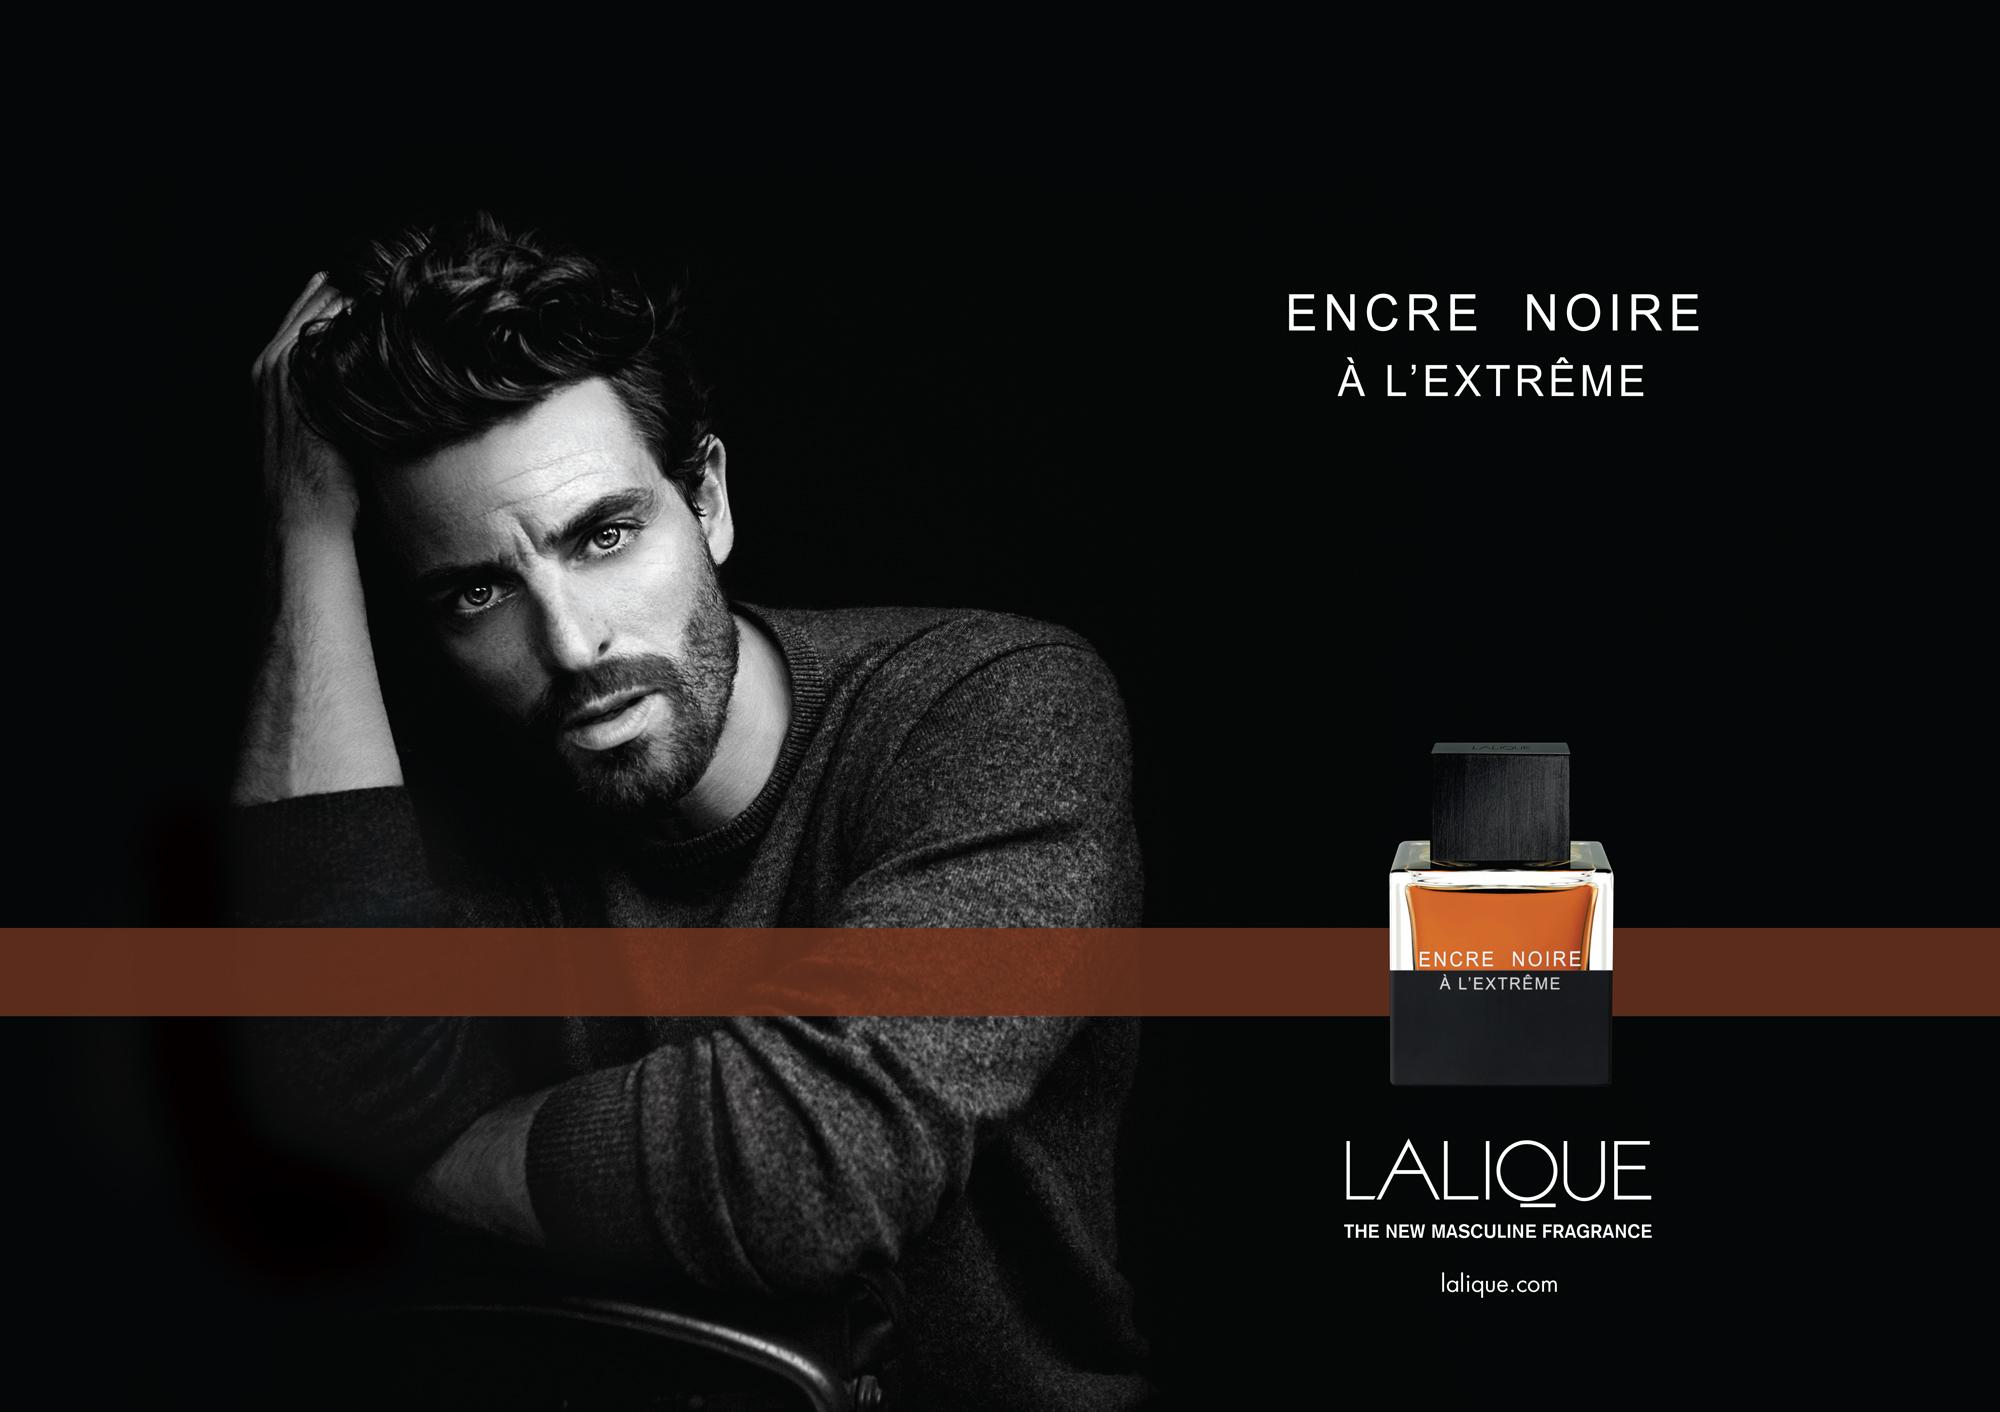 blyss-lalique-ad-01.jpg